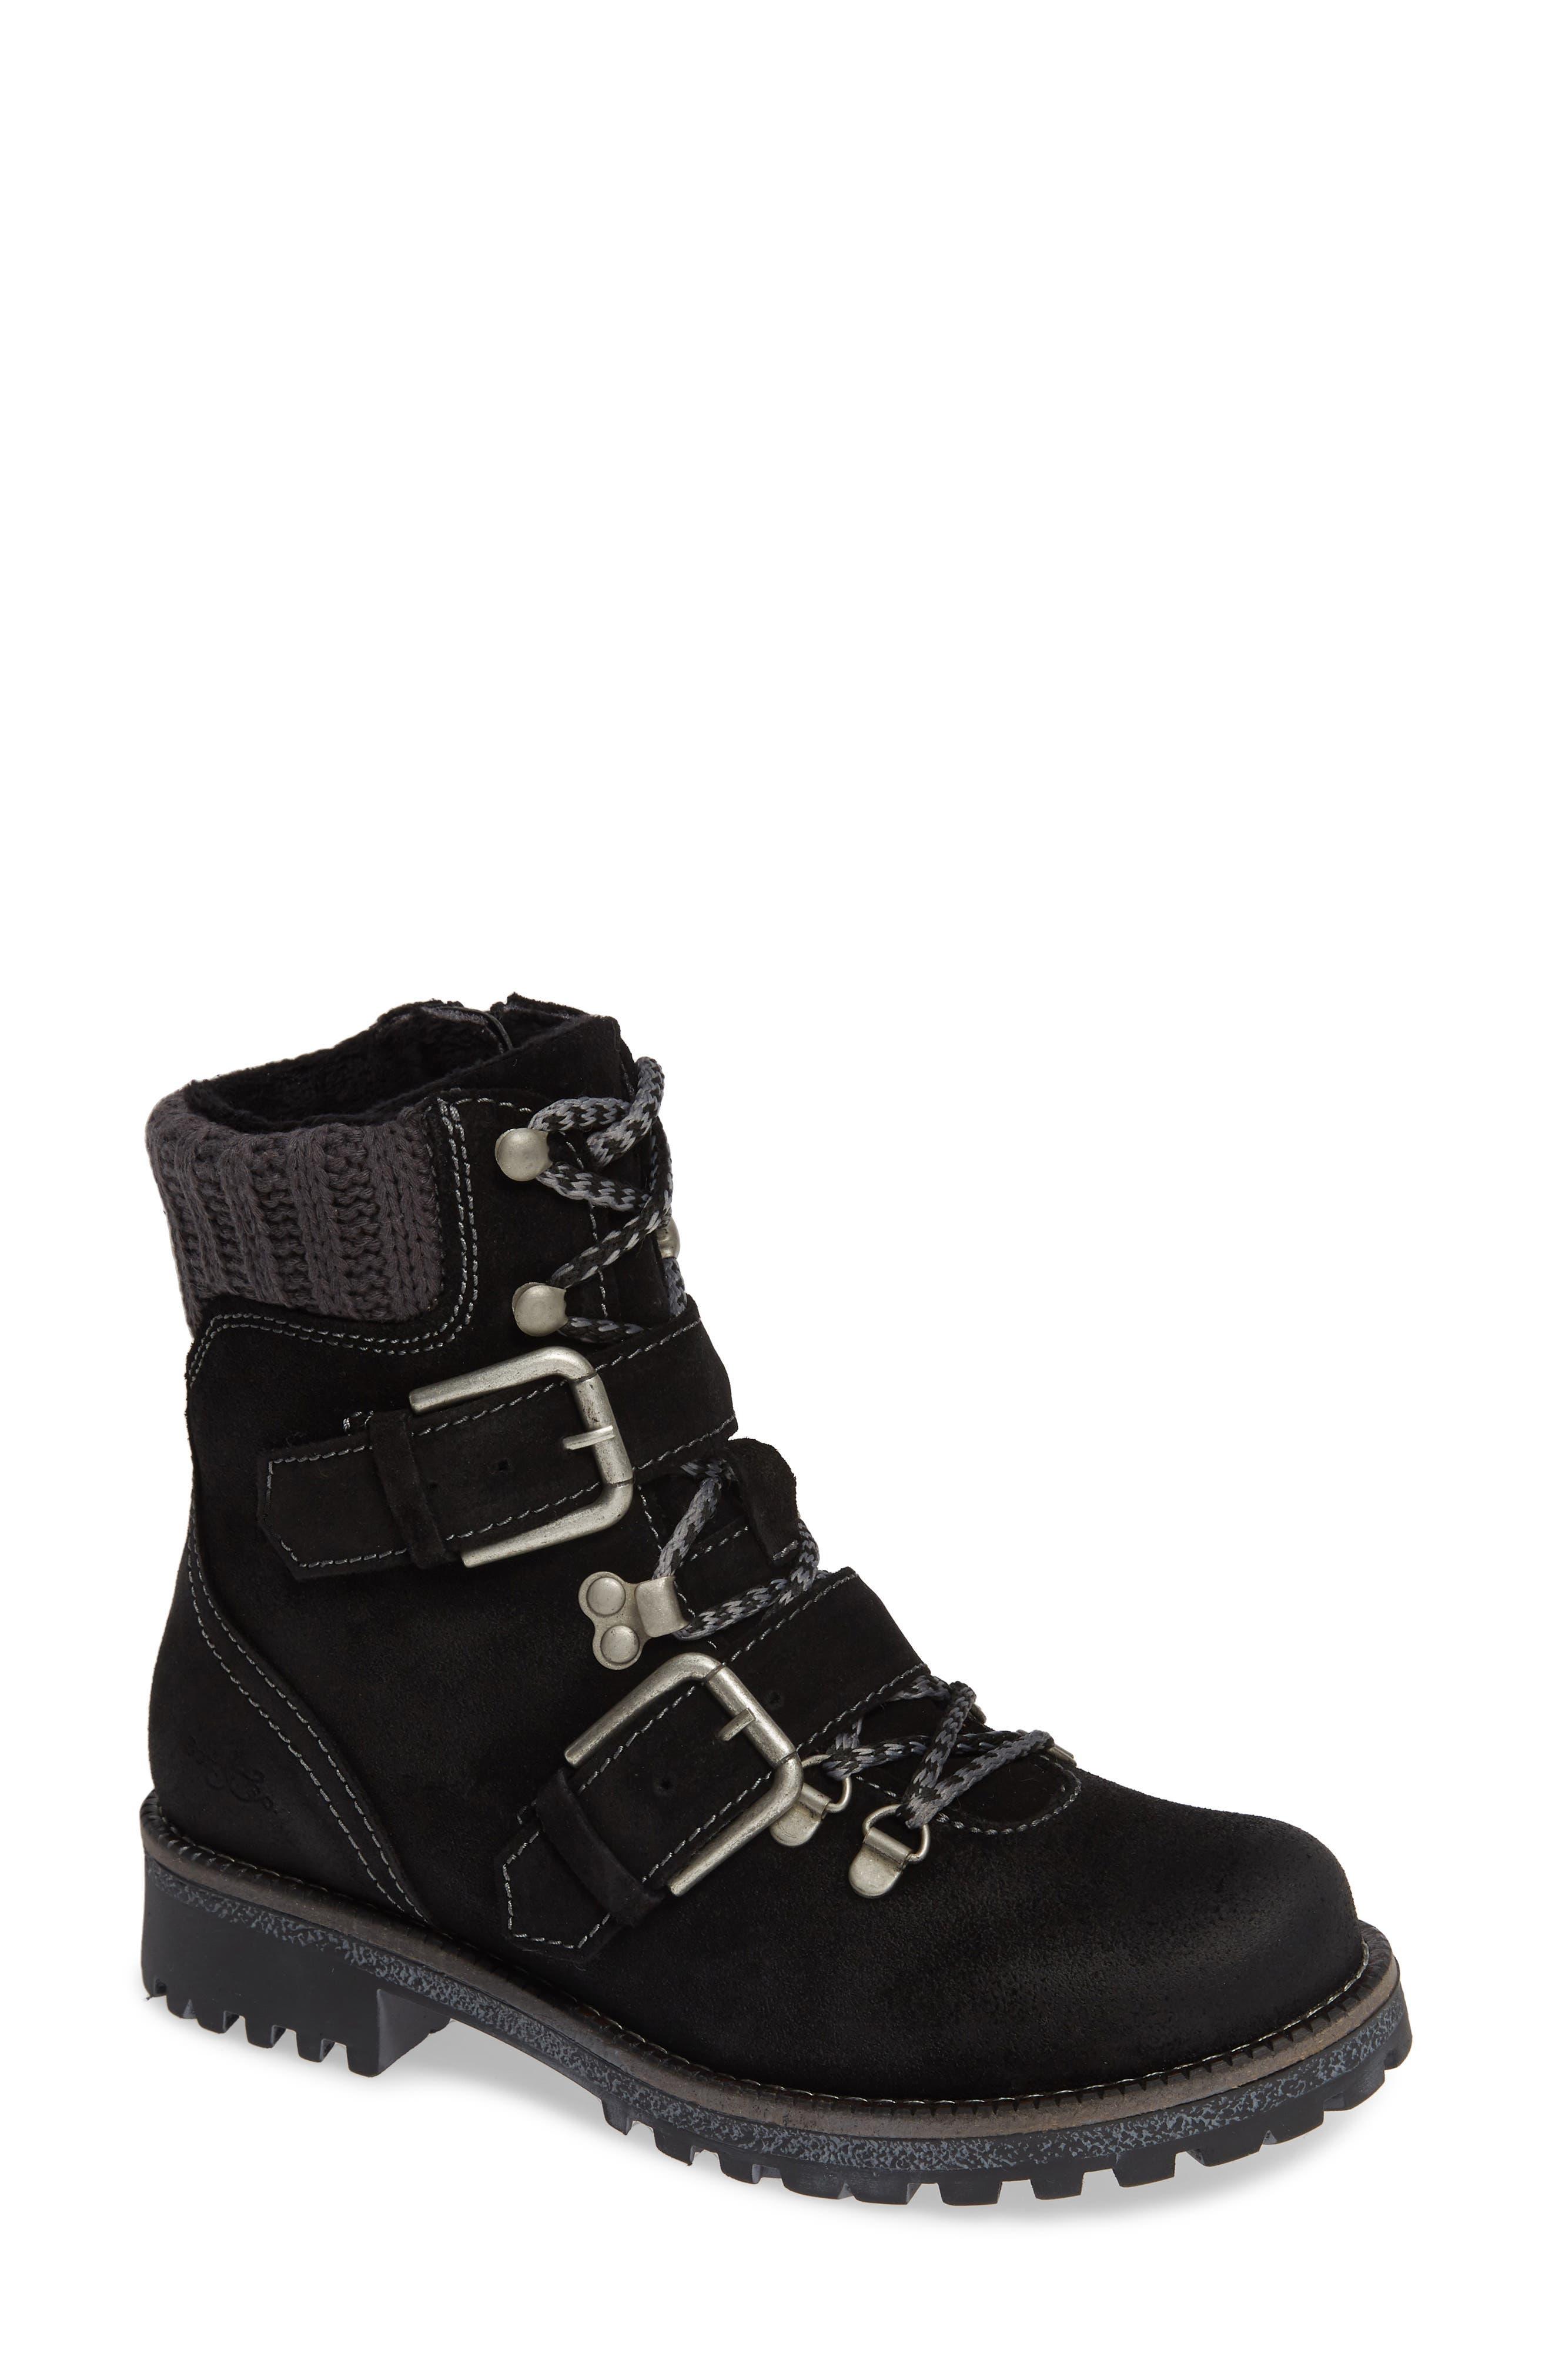 Bos. & Co. Corral Waterproof Moto Boot, Black